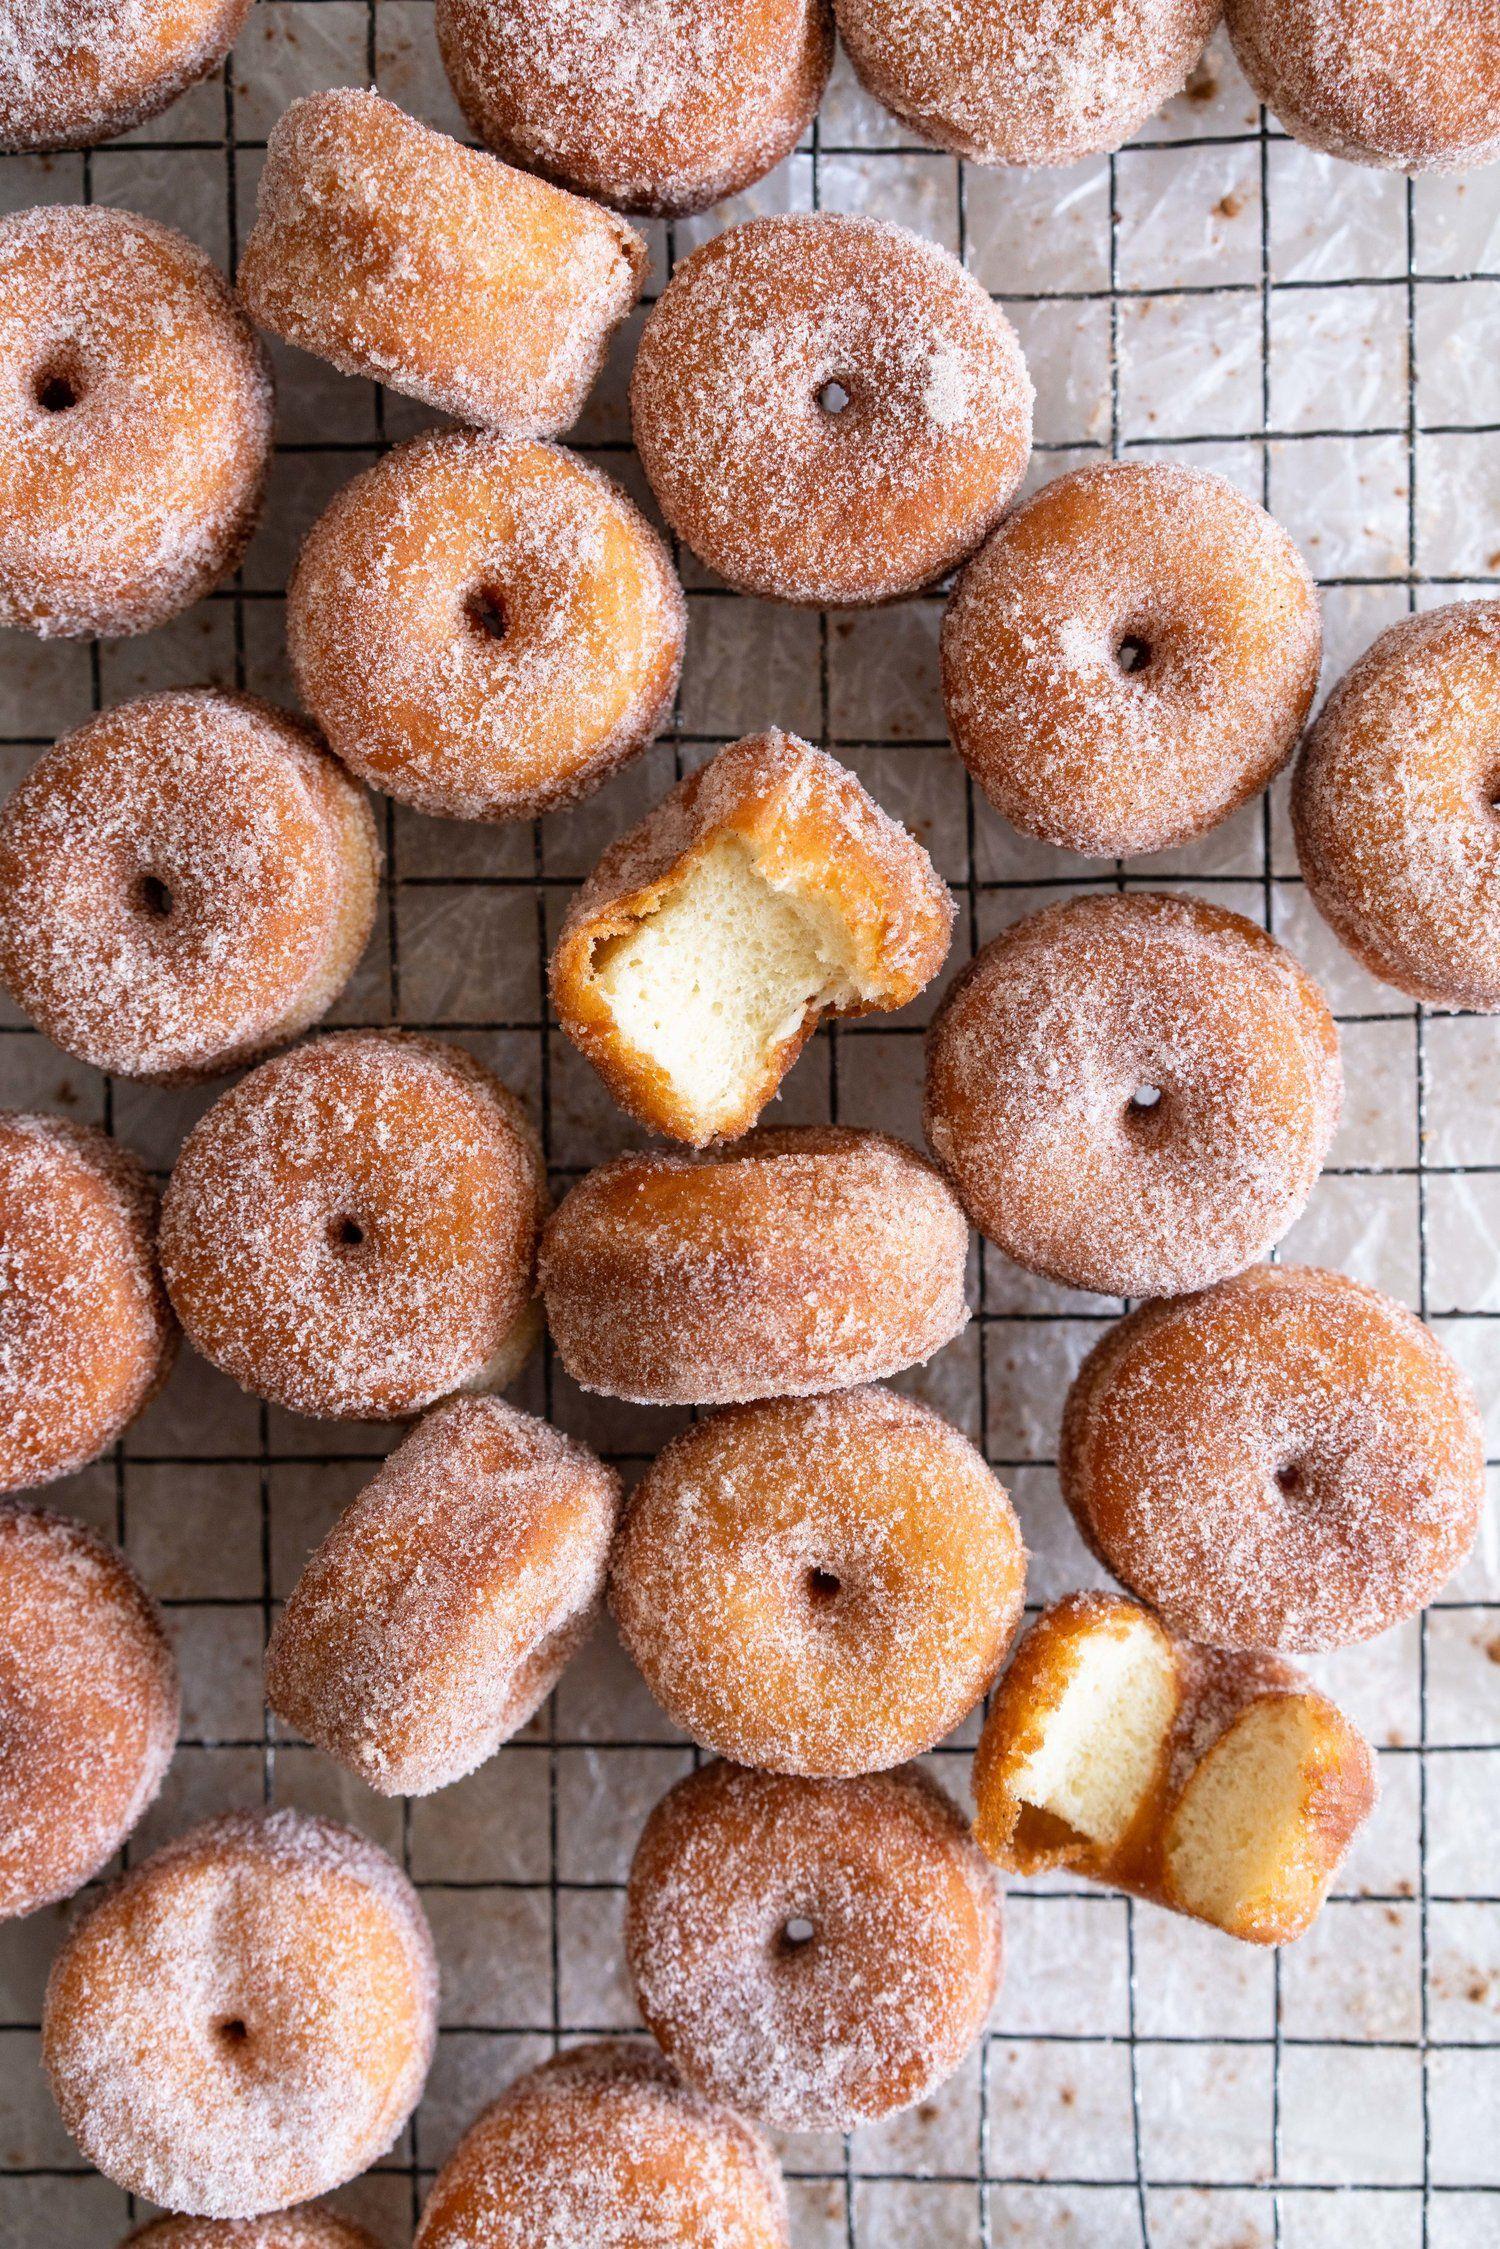 Mini Cinnamon Sugar Brioche Doughnuts  Cloudy Kitchen #brioche #cinnamon #cloudy #doughnuts #kitchen #sugar